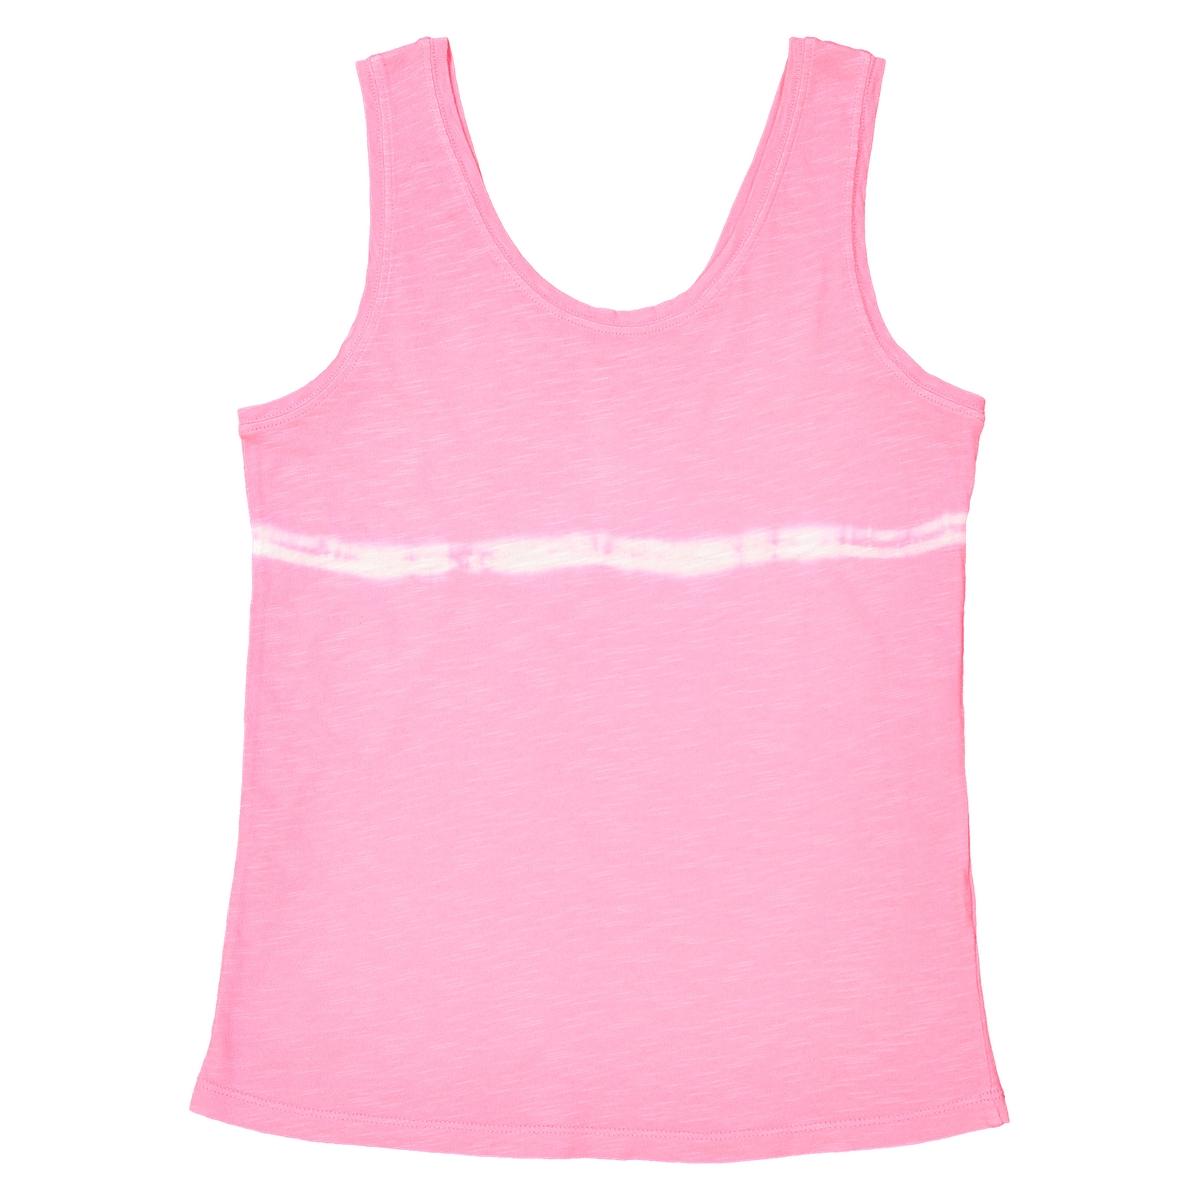 Топ La Redoute С принтом тай-энд-дай 12 розовый шорты la redoute плавательные с принтом джунгли мес года 18 мес 81 см синий